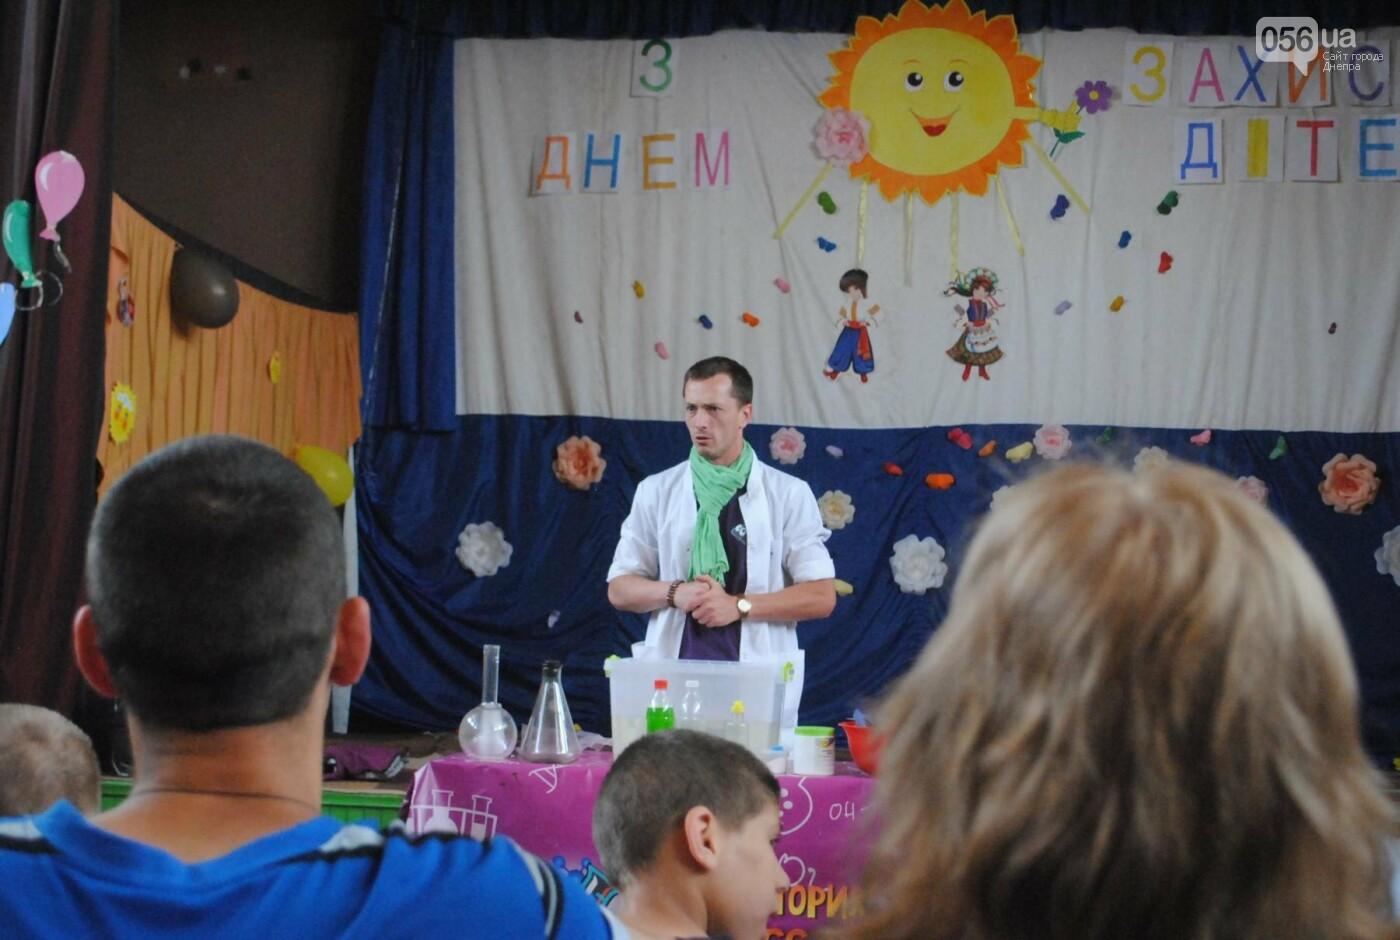 Фонд Александра Петровского поздравил воспитанников интерната, фото-5